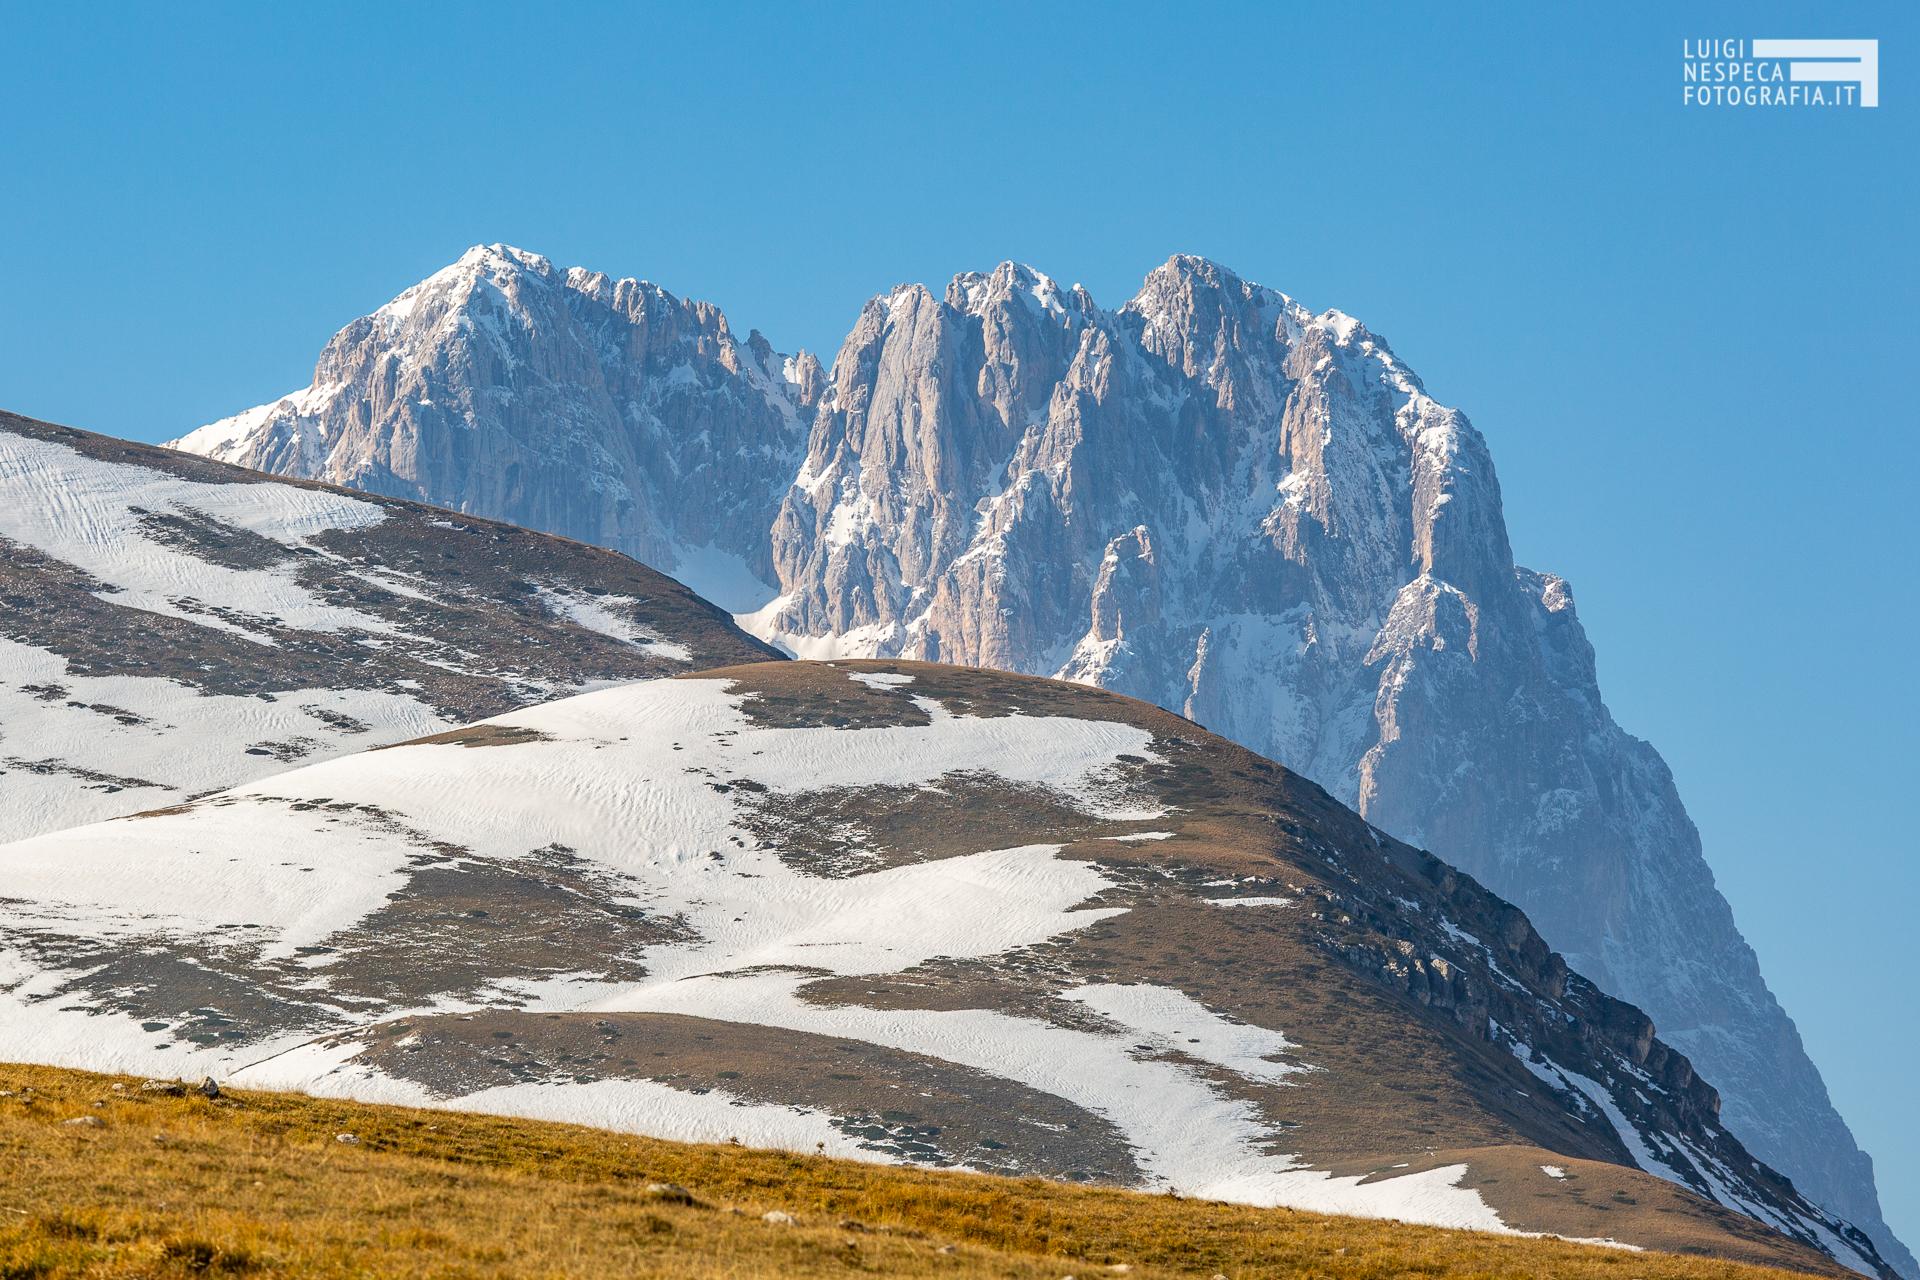 Corno Grande e la prima neve - Campo Imperatore Gran Sasso